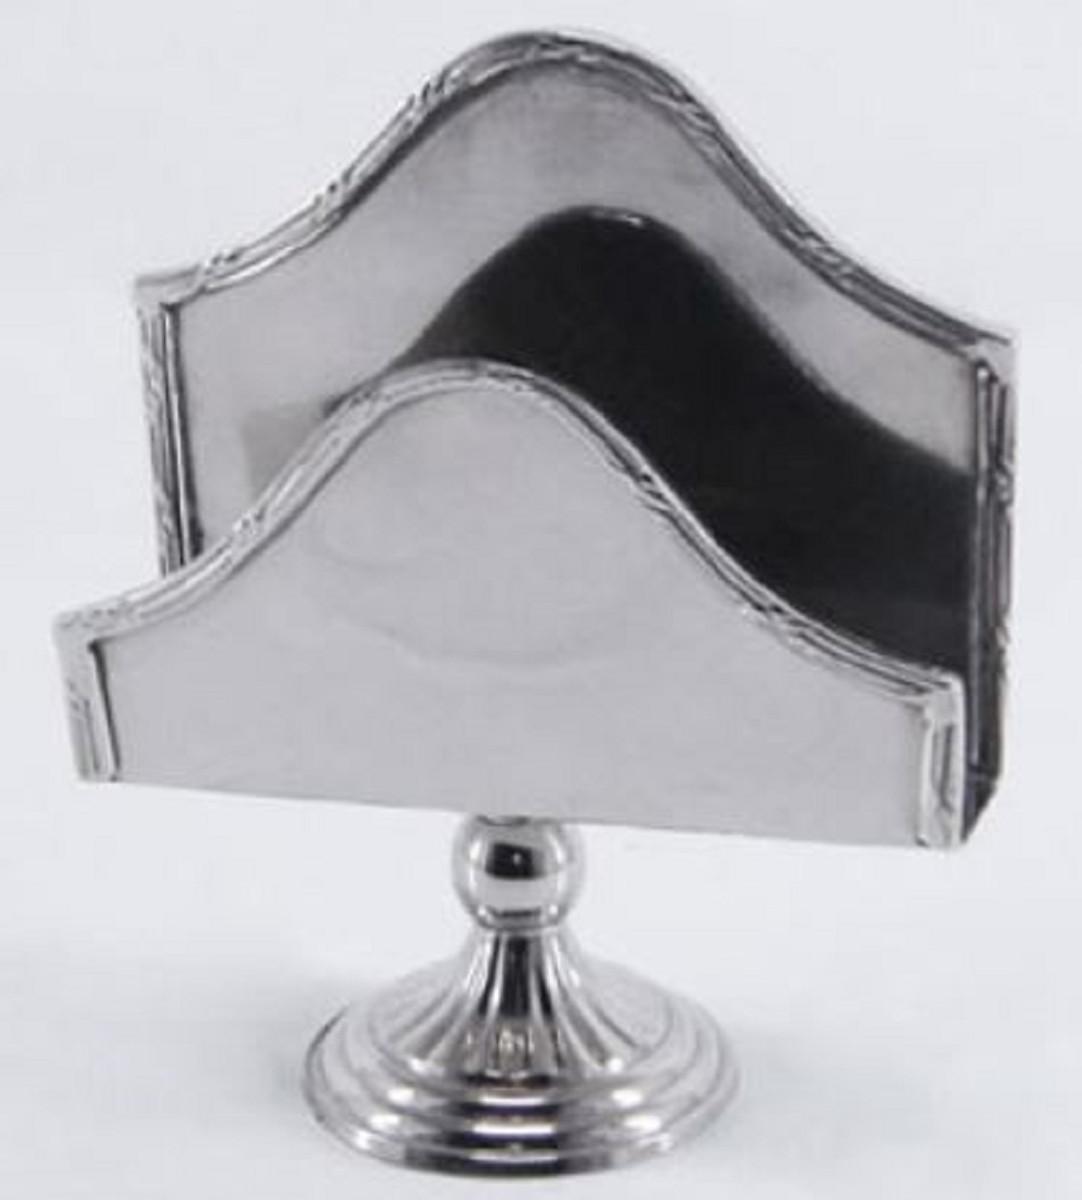 Casa Padrino Luxus Serviettenhalter Silber 13 x 5 x H. 16 cm - Hotel & Restaurant Accessoires 1